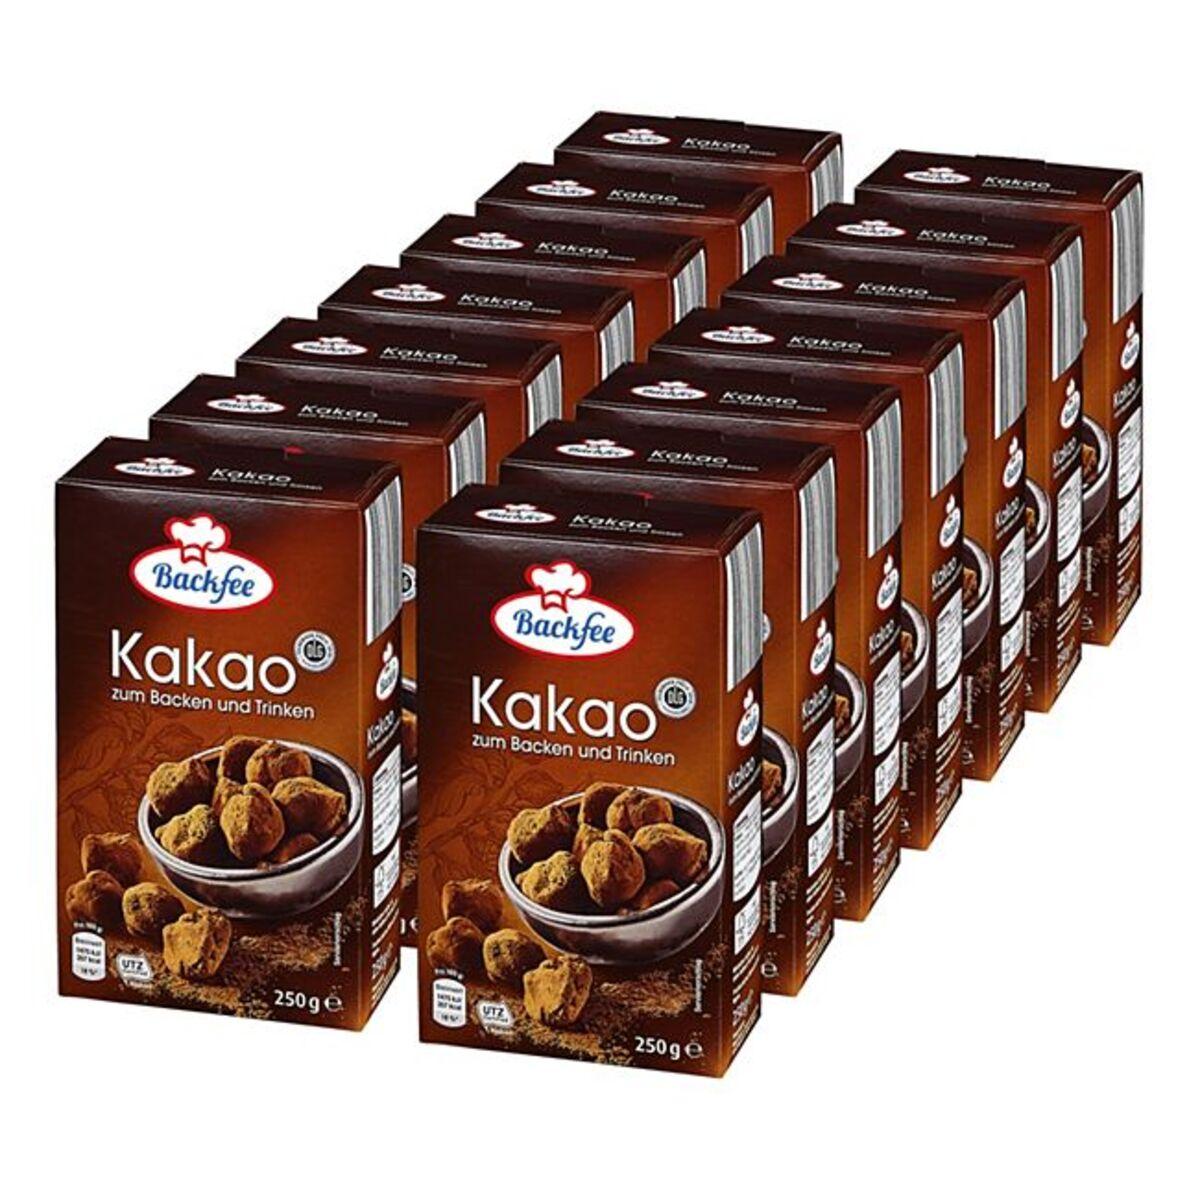 Bild 1 von Backfee Kakao 250 g, 14er Pack